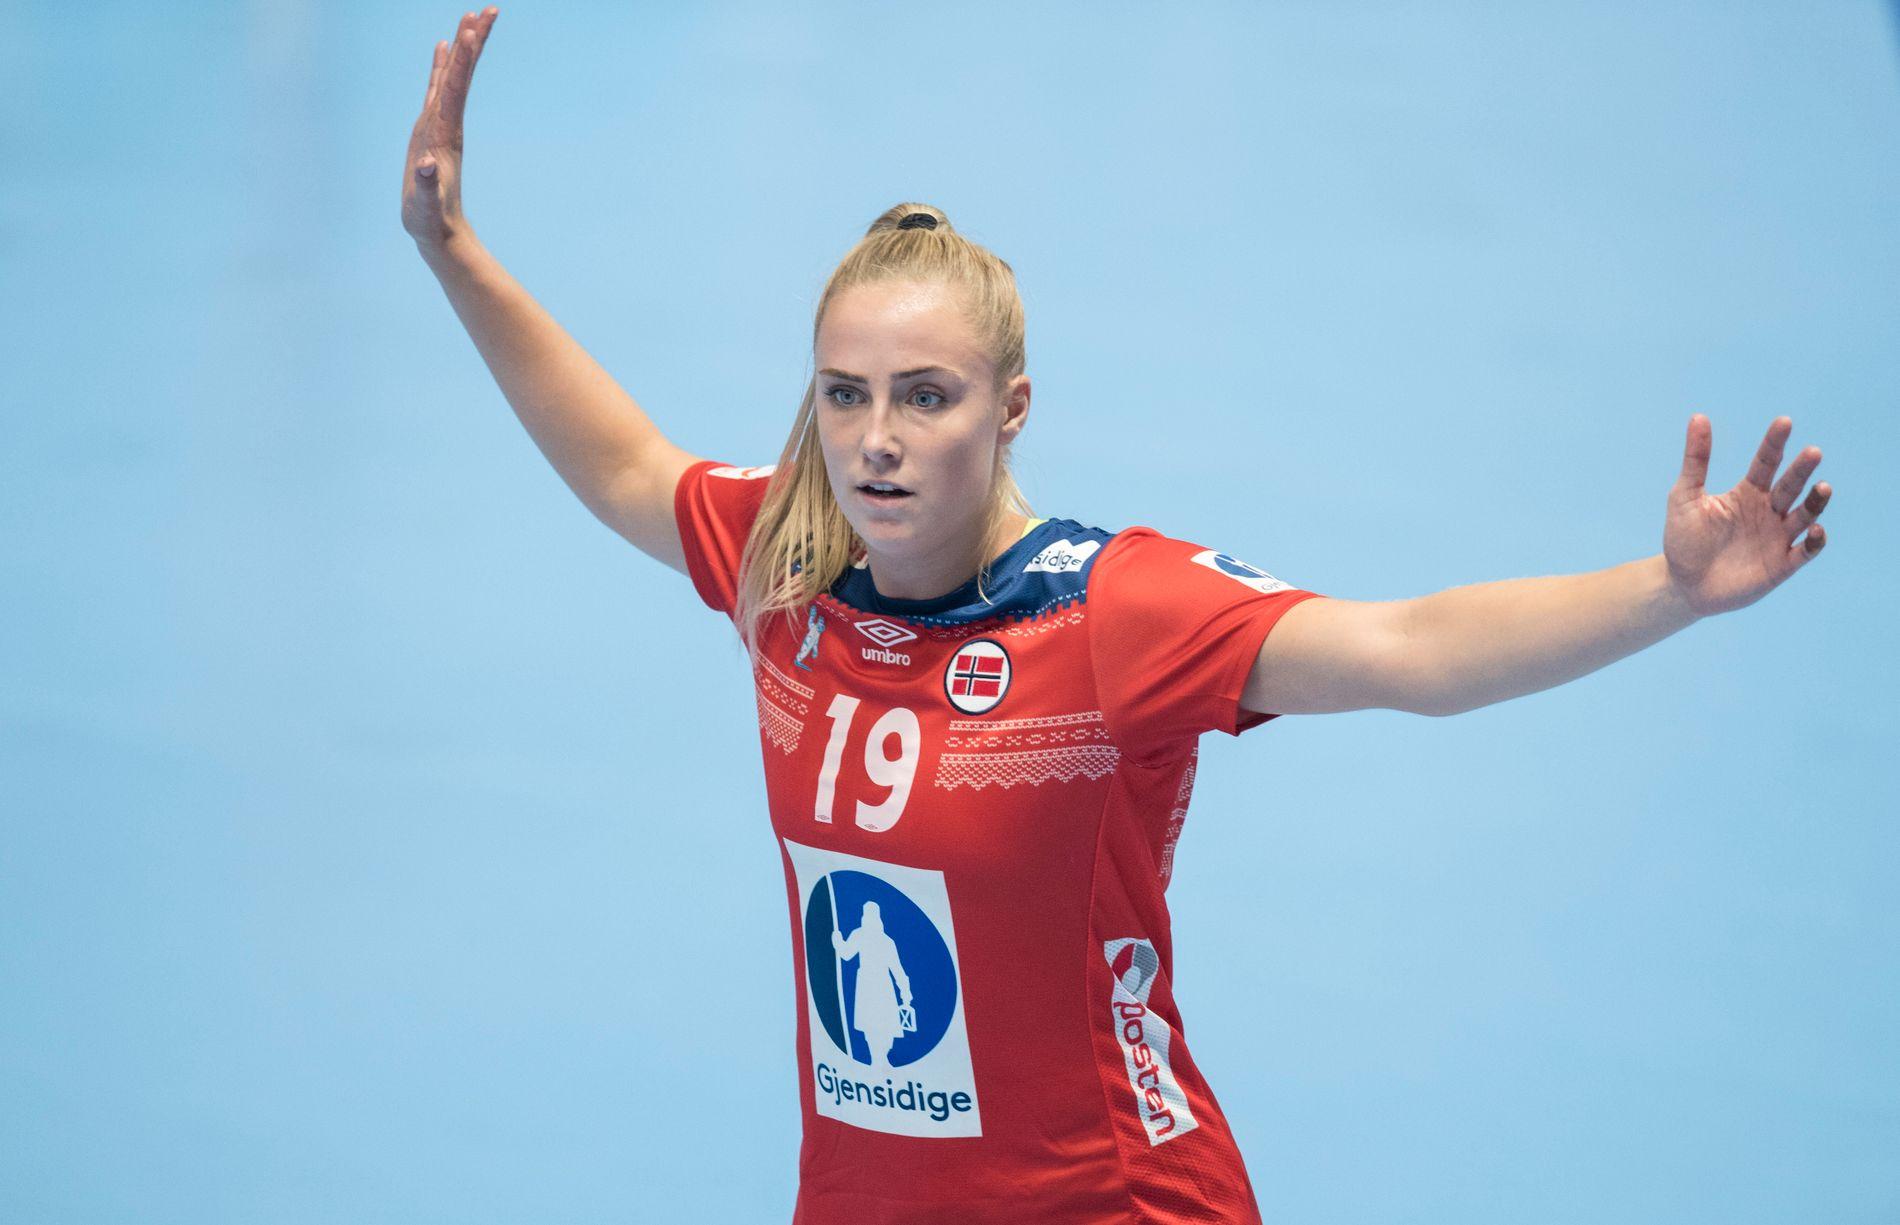 MESTERSKAPSDEBUT: Moa Högdahl kan få sin mesterskapsdebut for Norge.